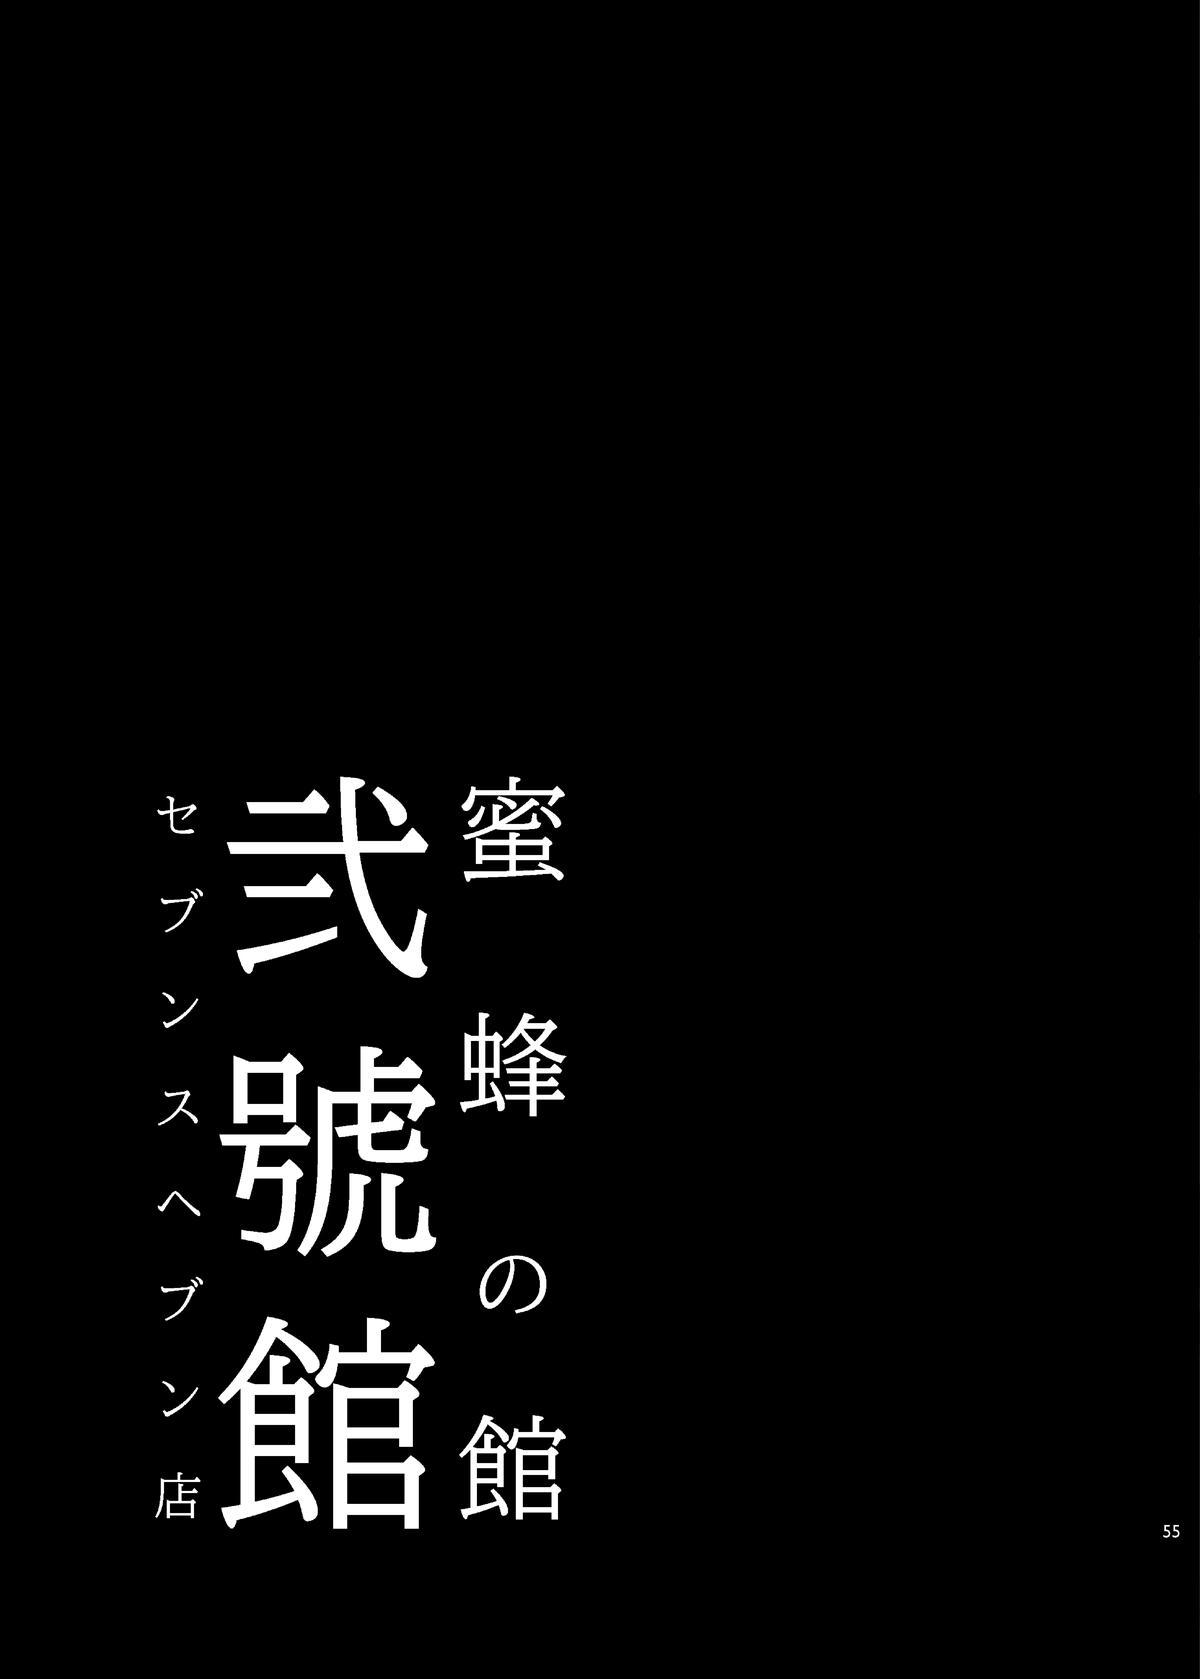 [Alice no Takarabako (Mizuryu Kei)] Mitsubachi no Yakata Nigou-kan Seventh Heaven-ten (Final Fantasy VII) [Chinese] [村长个人汉化] 51